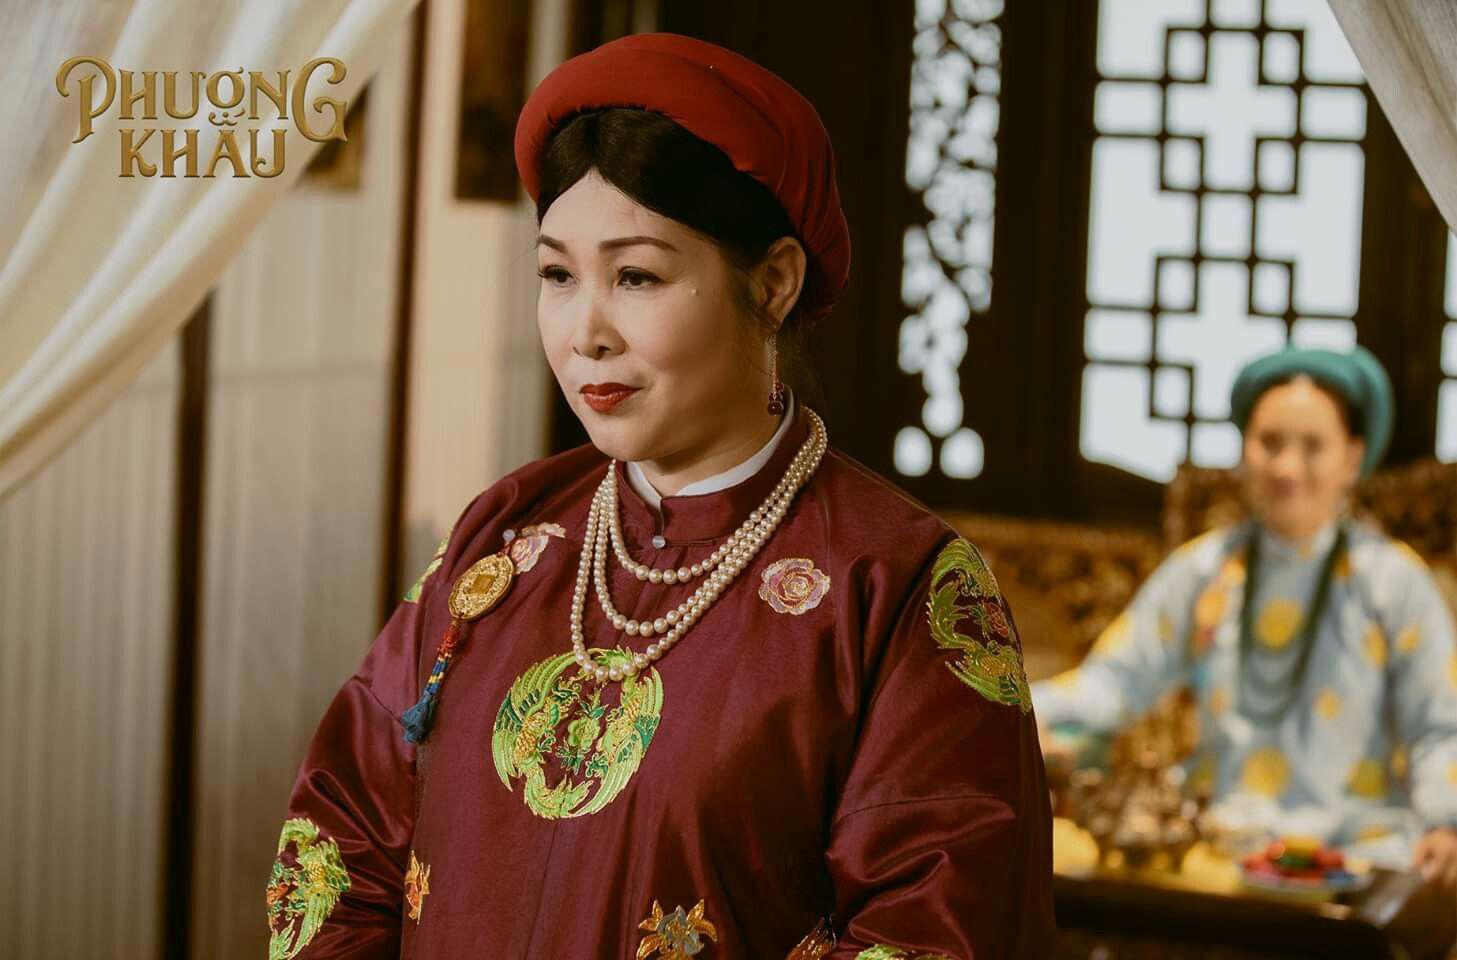 Antifan Phượng Khấu lập fanpage chê phim sai lệch lịch sử, so sánh chuyên nghiệp cả về sạn kĩ xảo - Ảnh 1.